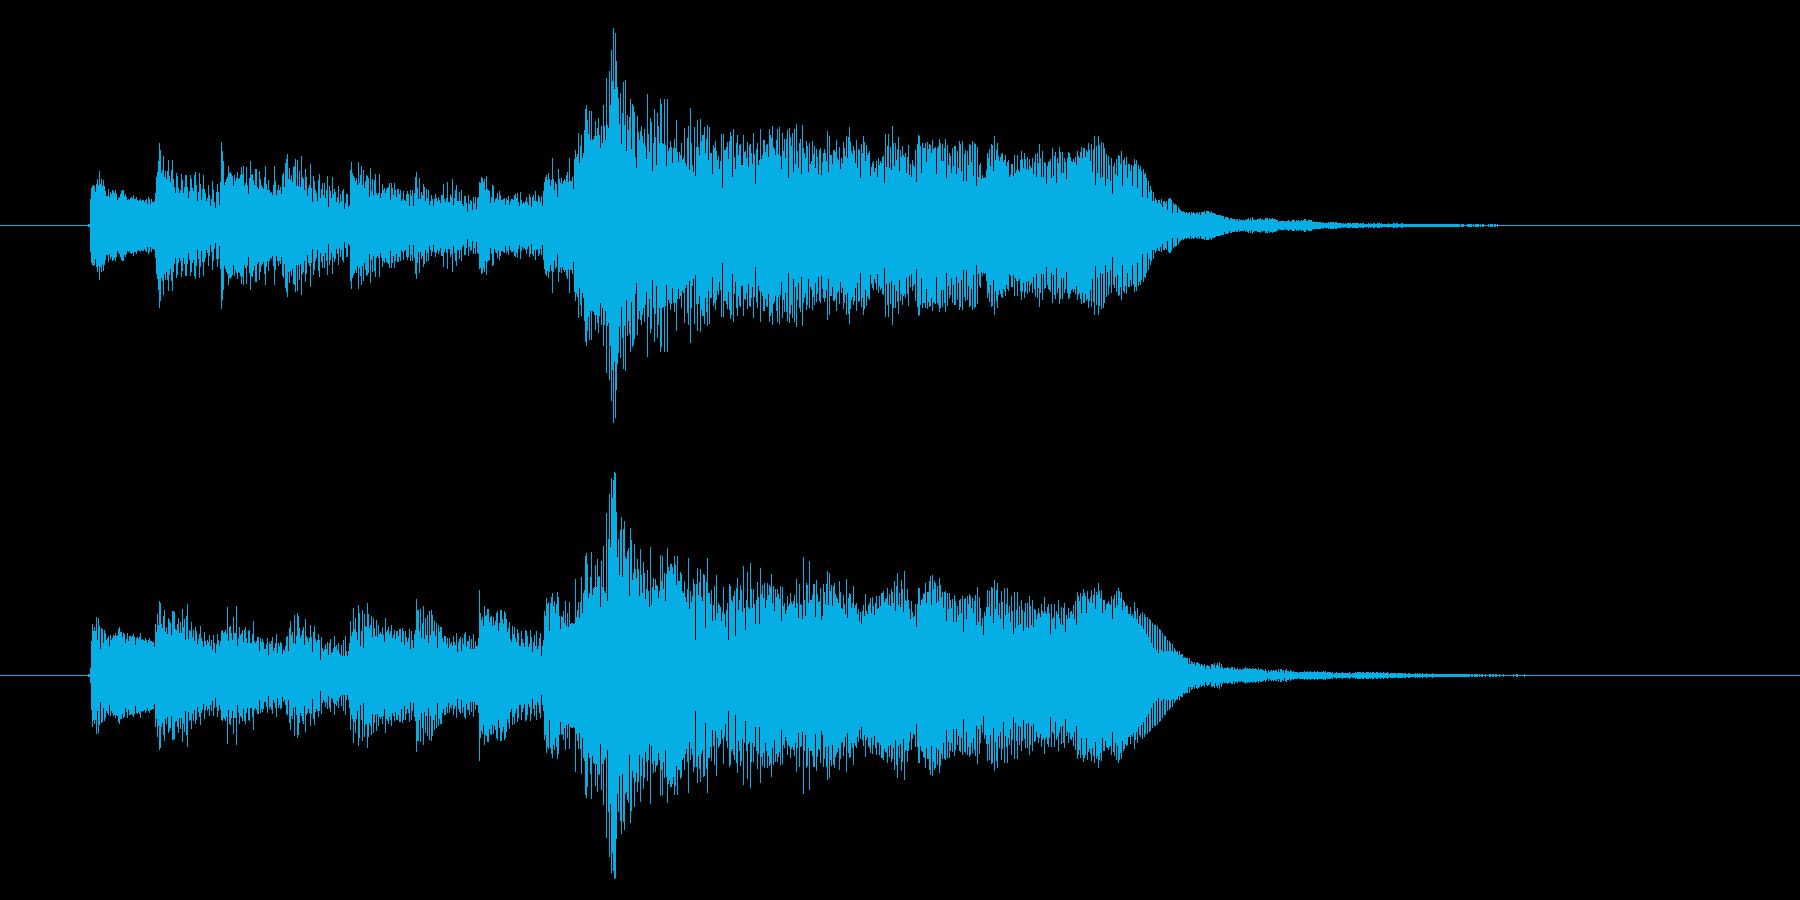 甘美で伸びやかなBGMサウンドの再生済みの波形